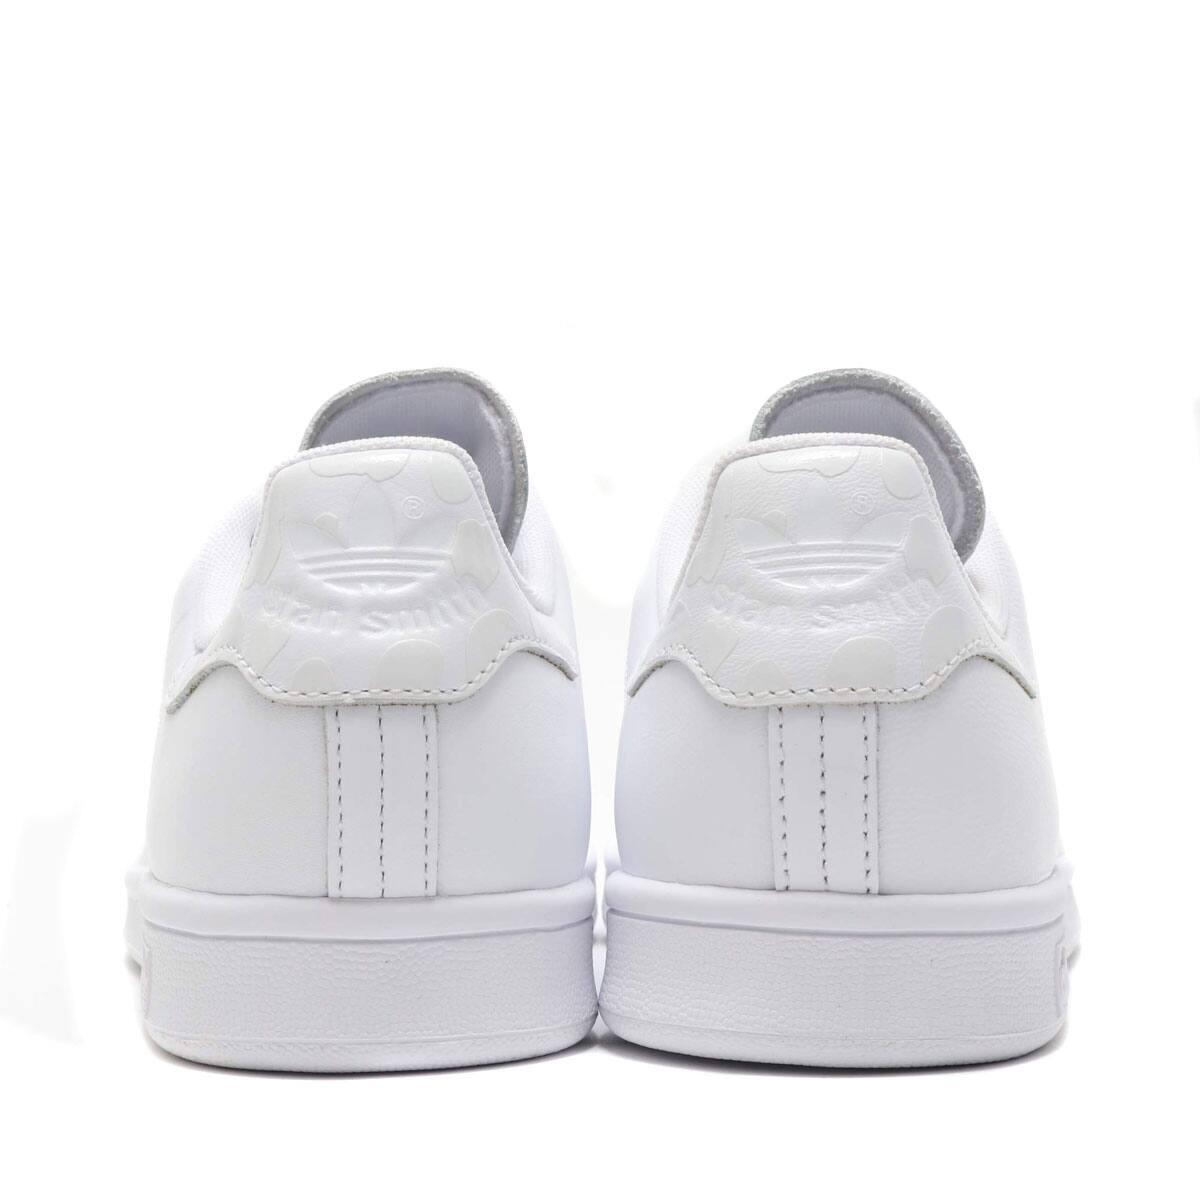 adidas Originals STAN SMITH W RUNNING